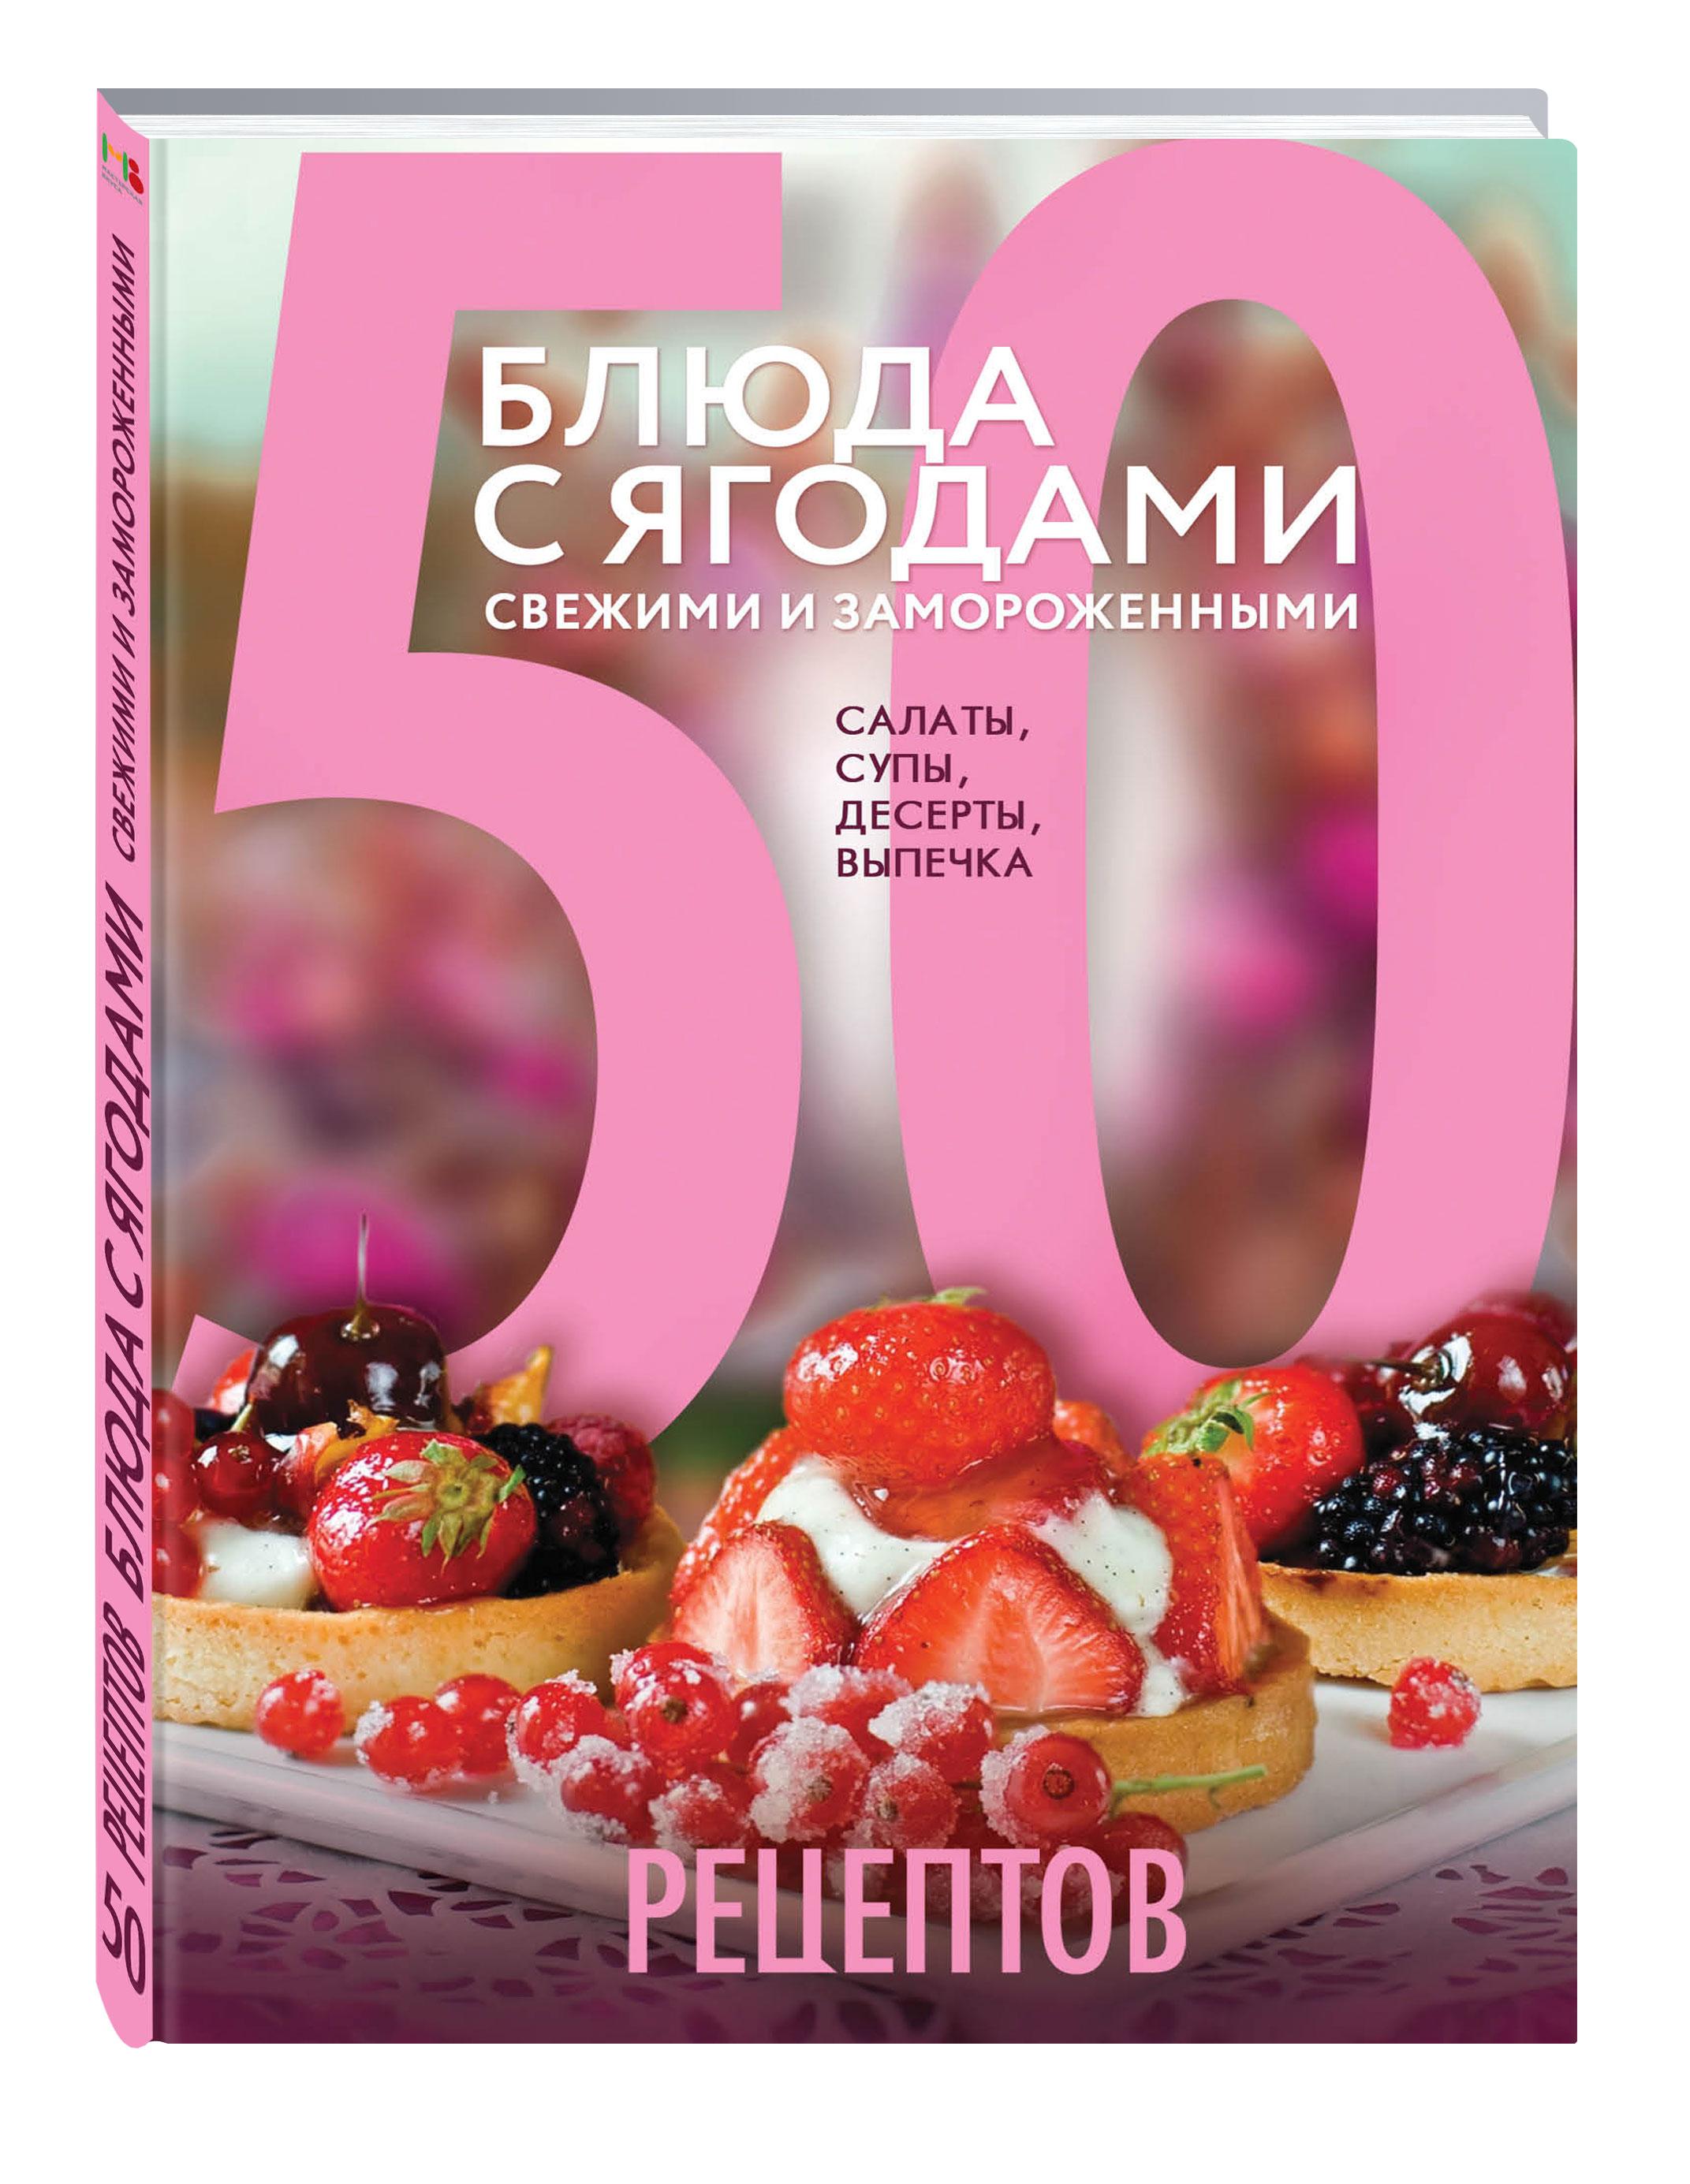 50 рецептов. Блюда с ягодами, свежими и замороженными. Салаты, супы, десерты, выпечка ( Антонова Л.  )